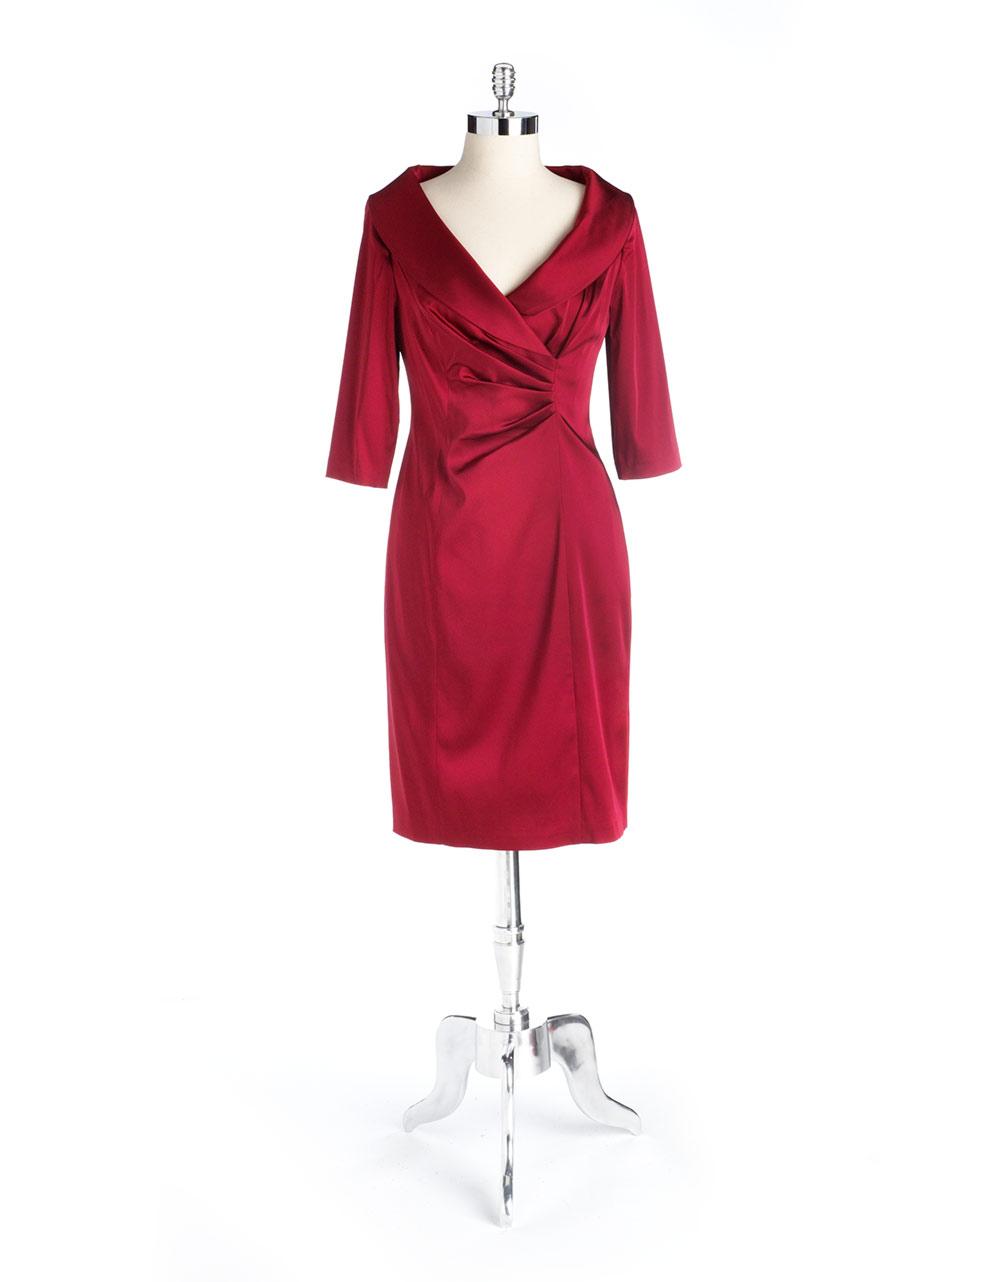 Kay Unger Portrait Collar Dress In Red Garnet Lyst